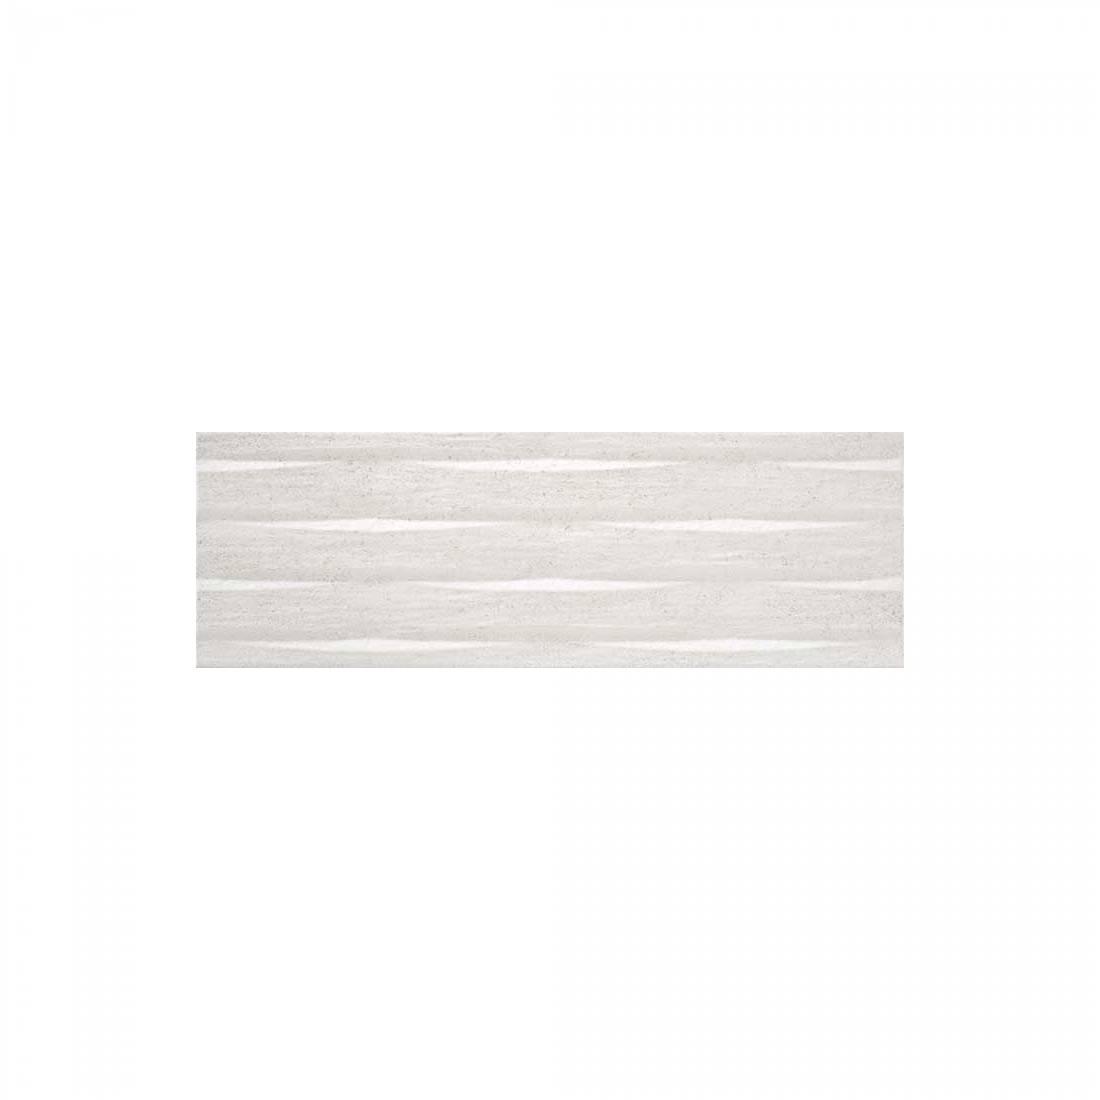 Dorset Decor Relieve 20x60 White Matt 1